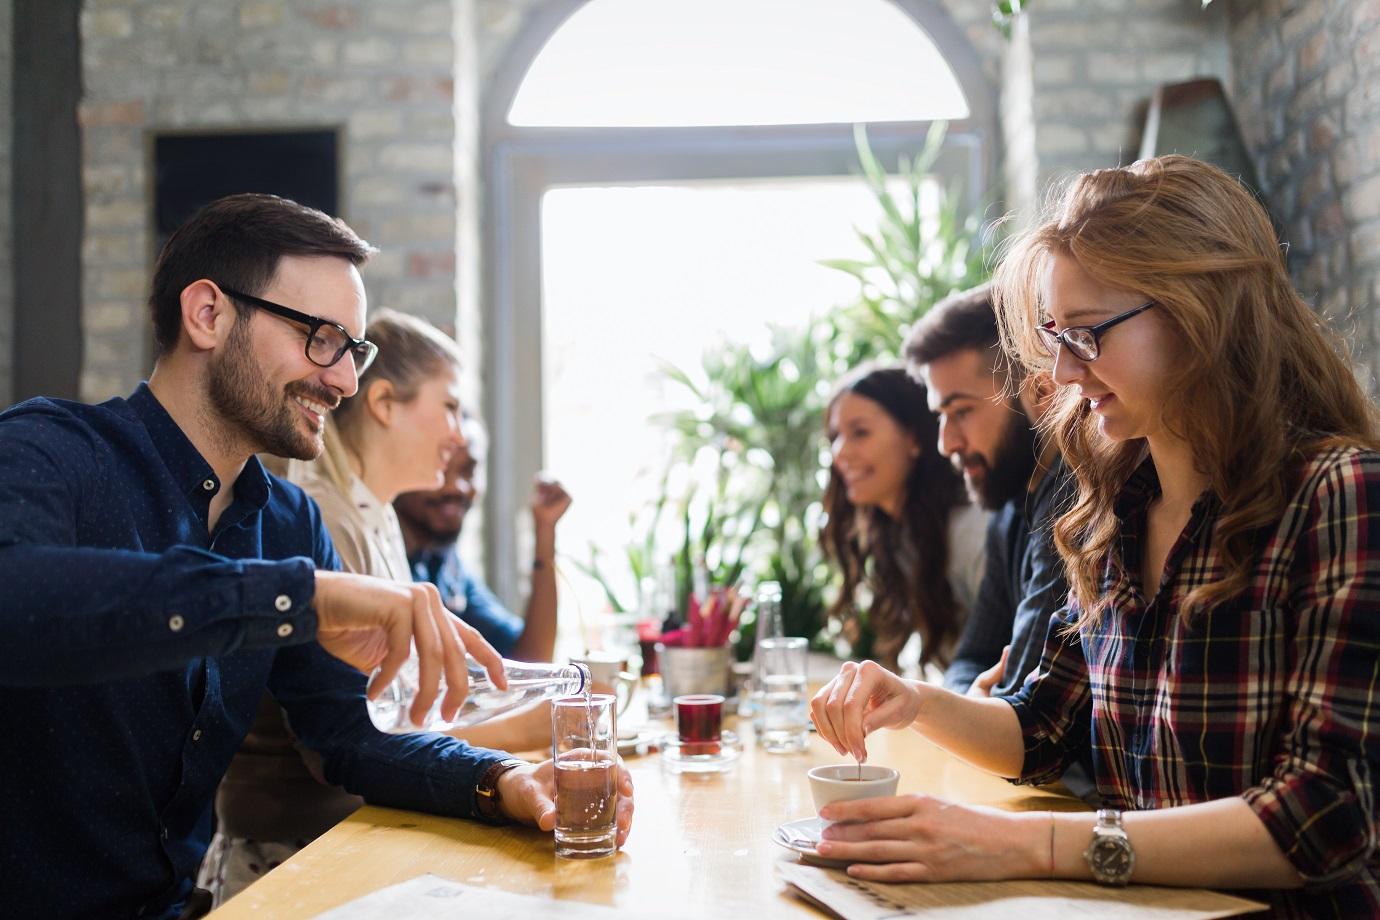 Forventer du færre gjester i kantinen fremover?